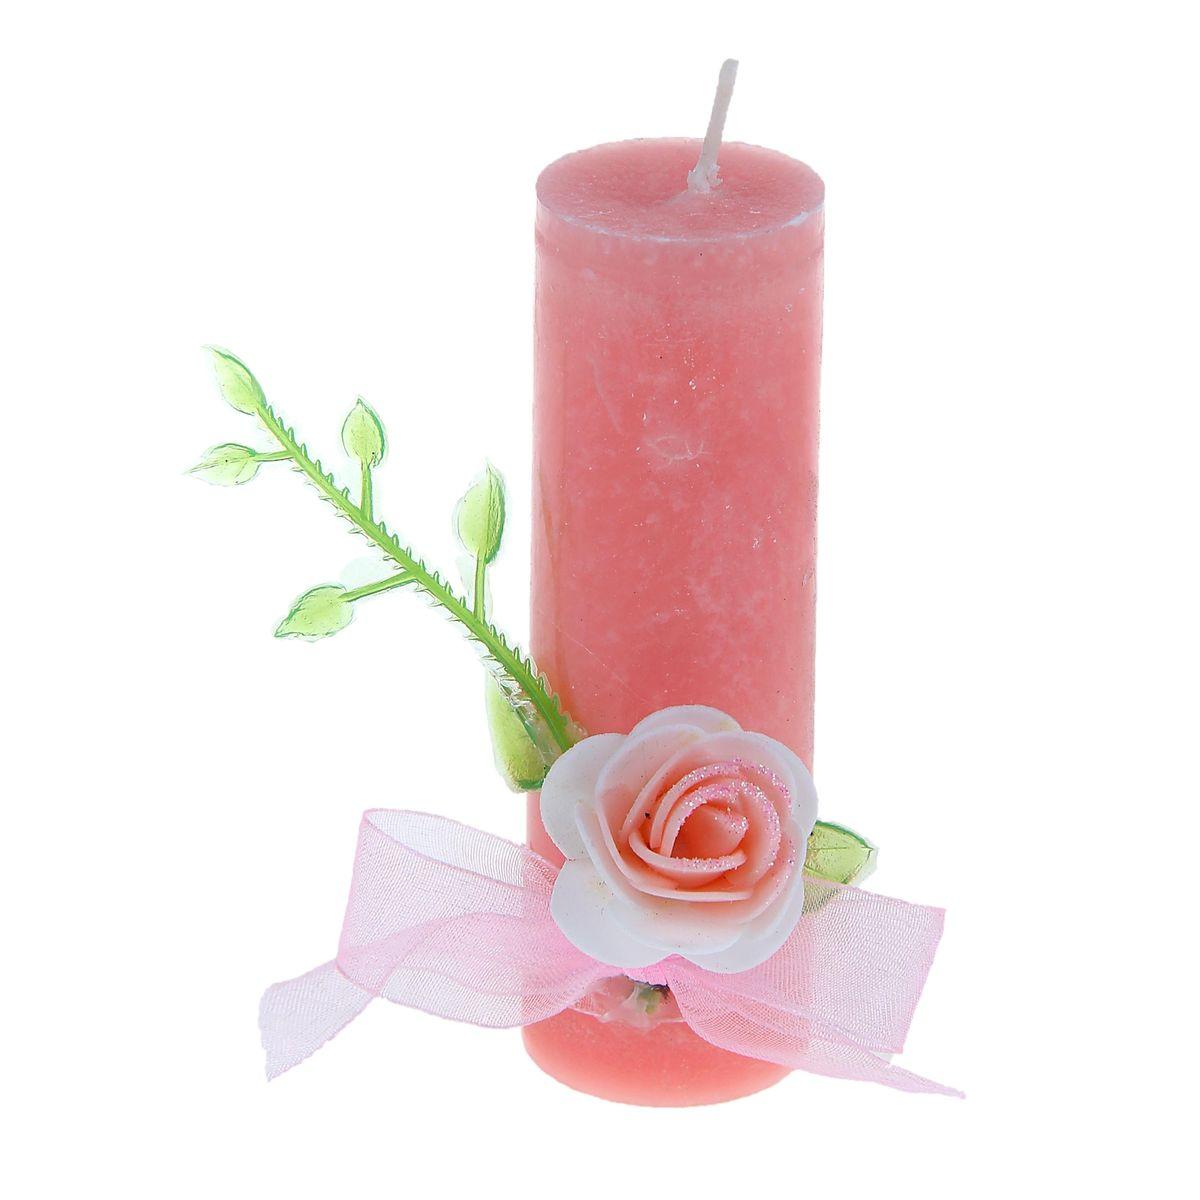 Свеча Sima-land Цветок, цвет: розовый, высота 10,5 см1030854Свеча Sima-land Цветок выполнена из воска в виде столбика и оформлена цветочным декором. Изделие порадует ярким дизайном и оригинальностью. Создайте для себя и своих близких незабываемую атмосферу праздника в доме. Свеча Sima-land Цветок может стать не только отличным подарком, но и гарантией хорошего настроения, ведь это красивая вещь из качественного, безопасного для здоровья материала.